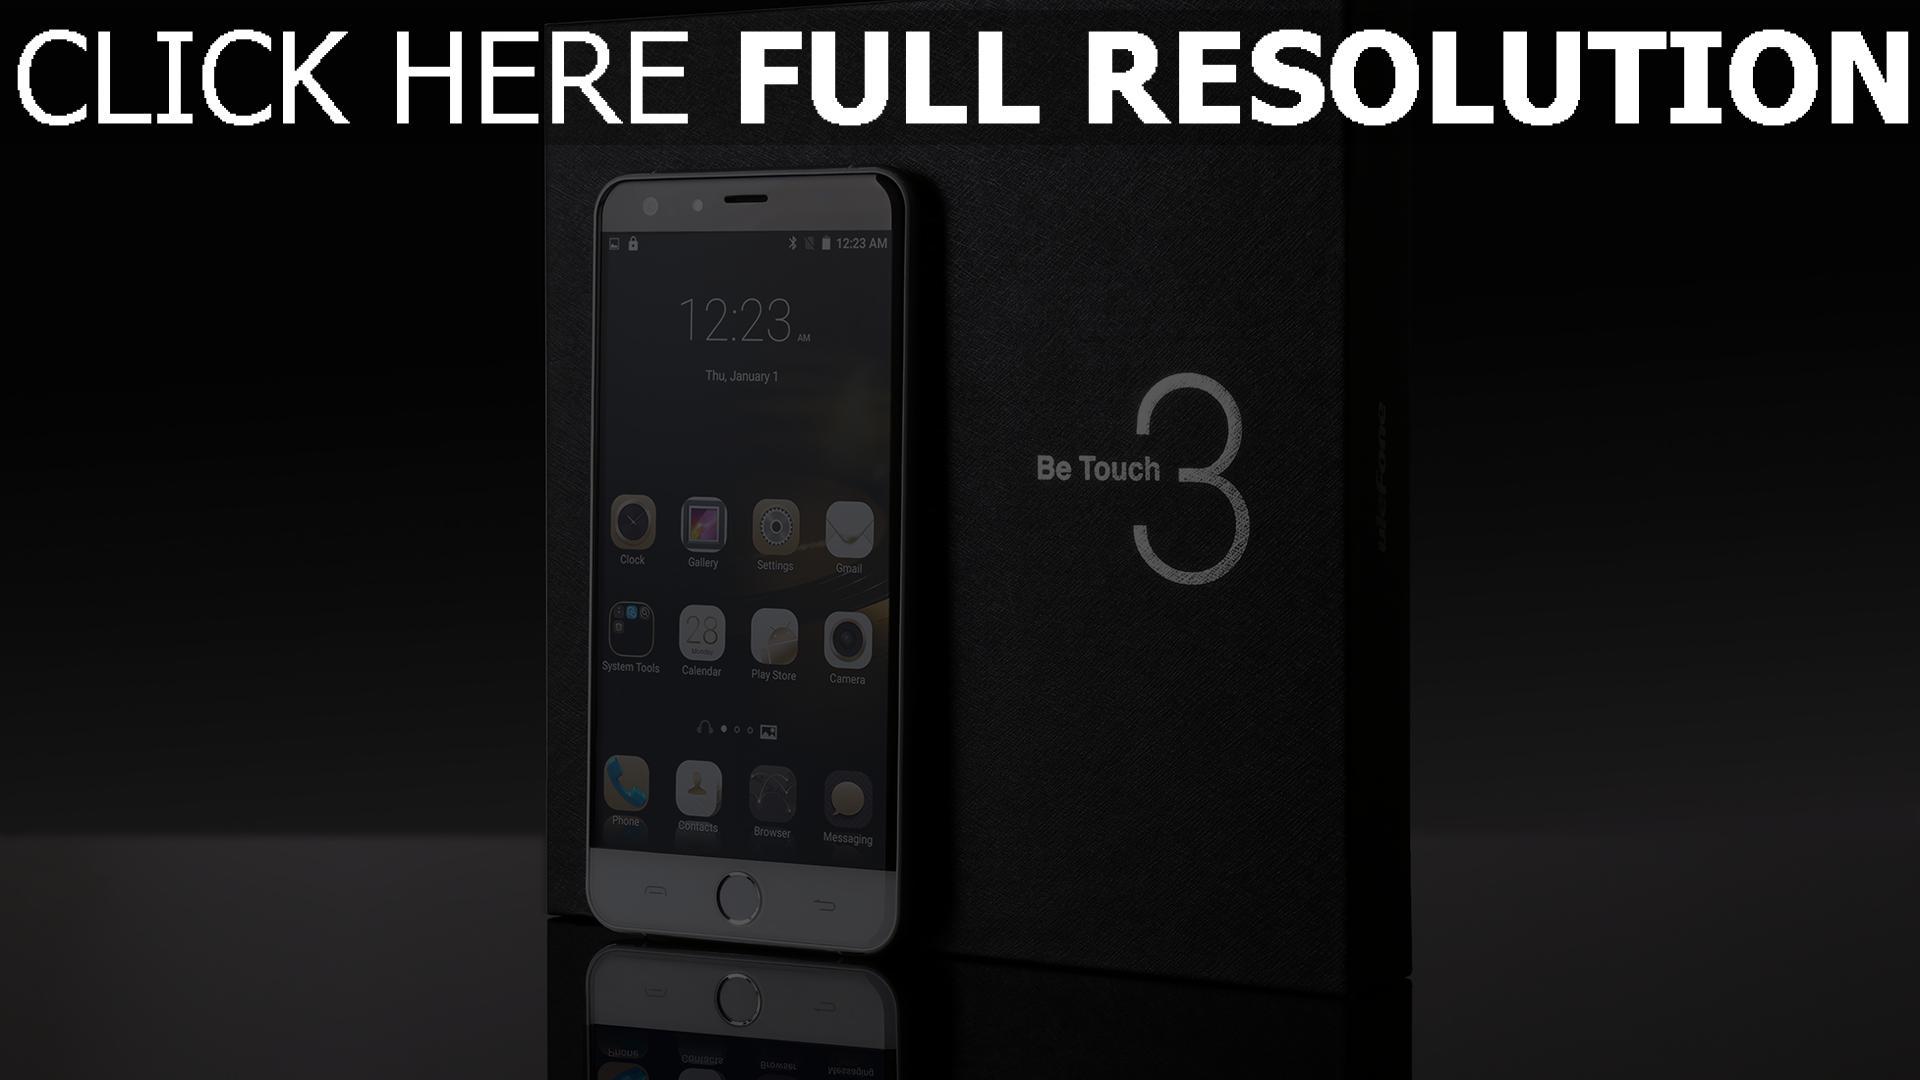 hd hintergrundbilder smartphone be touch 3 ulefone 1920x1080